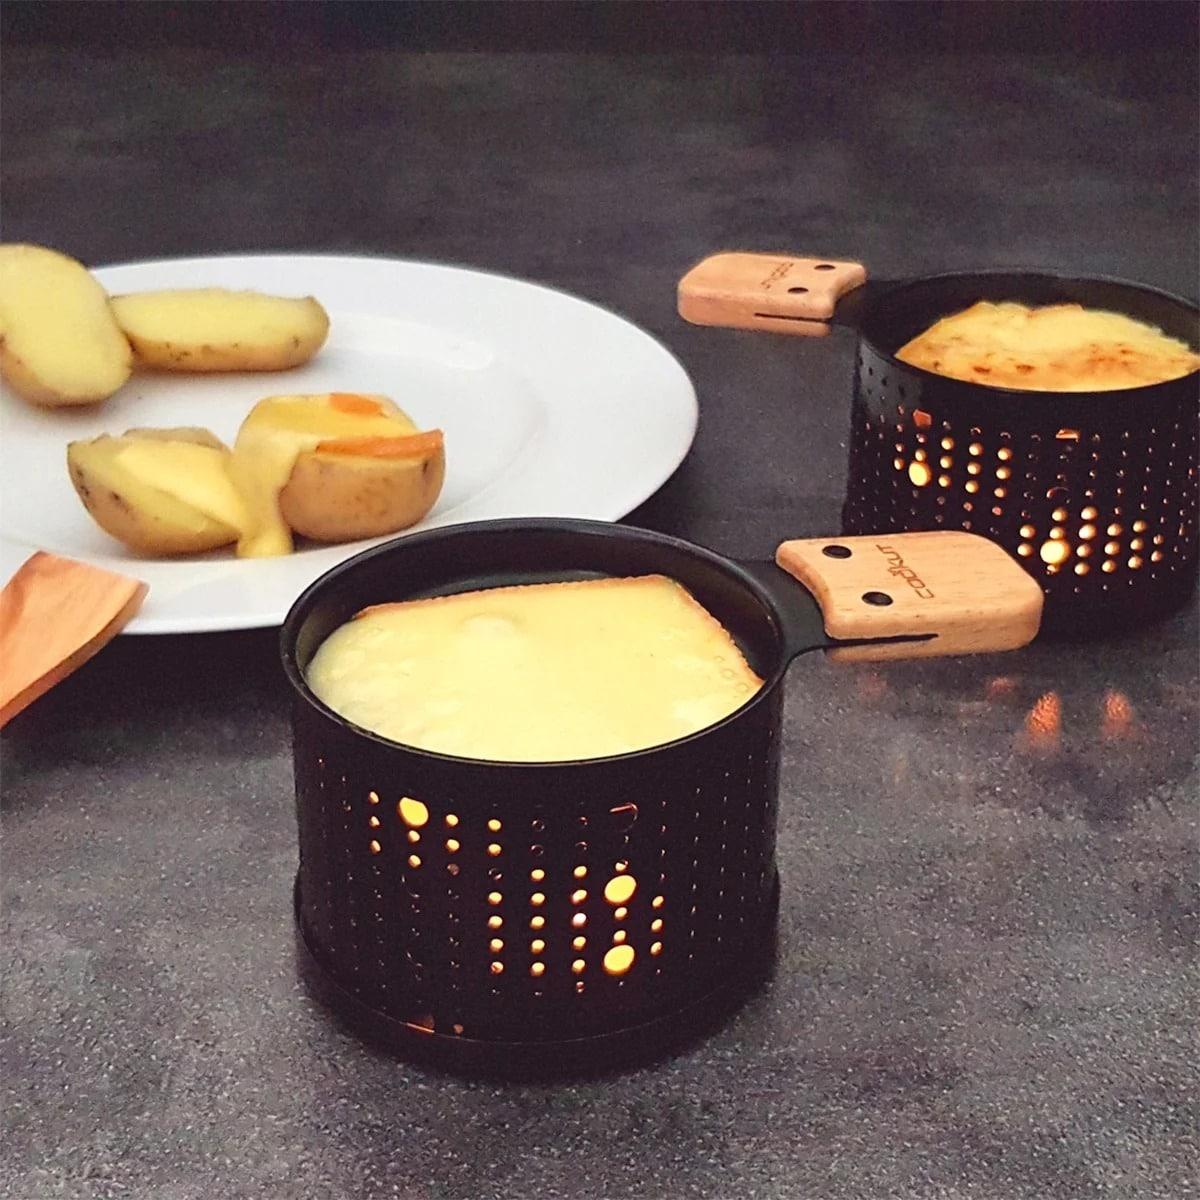 un fromage qui fond à la bougie dans le cadre d'une raclette